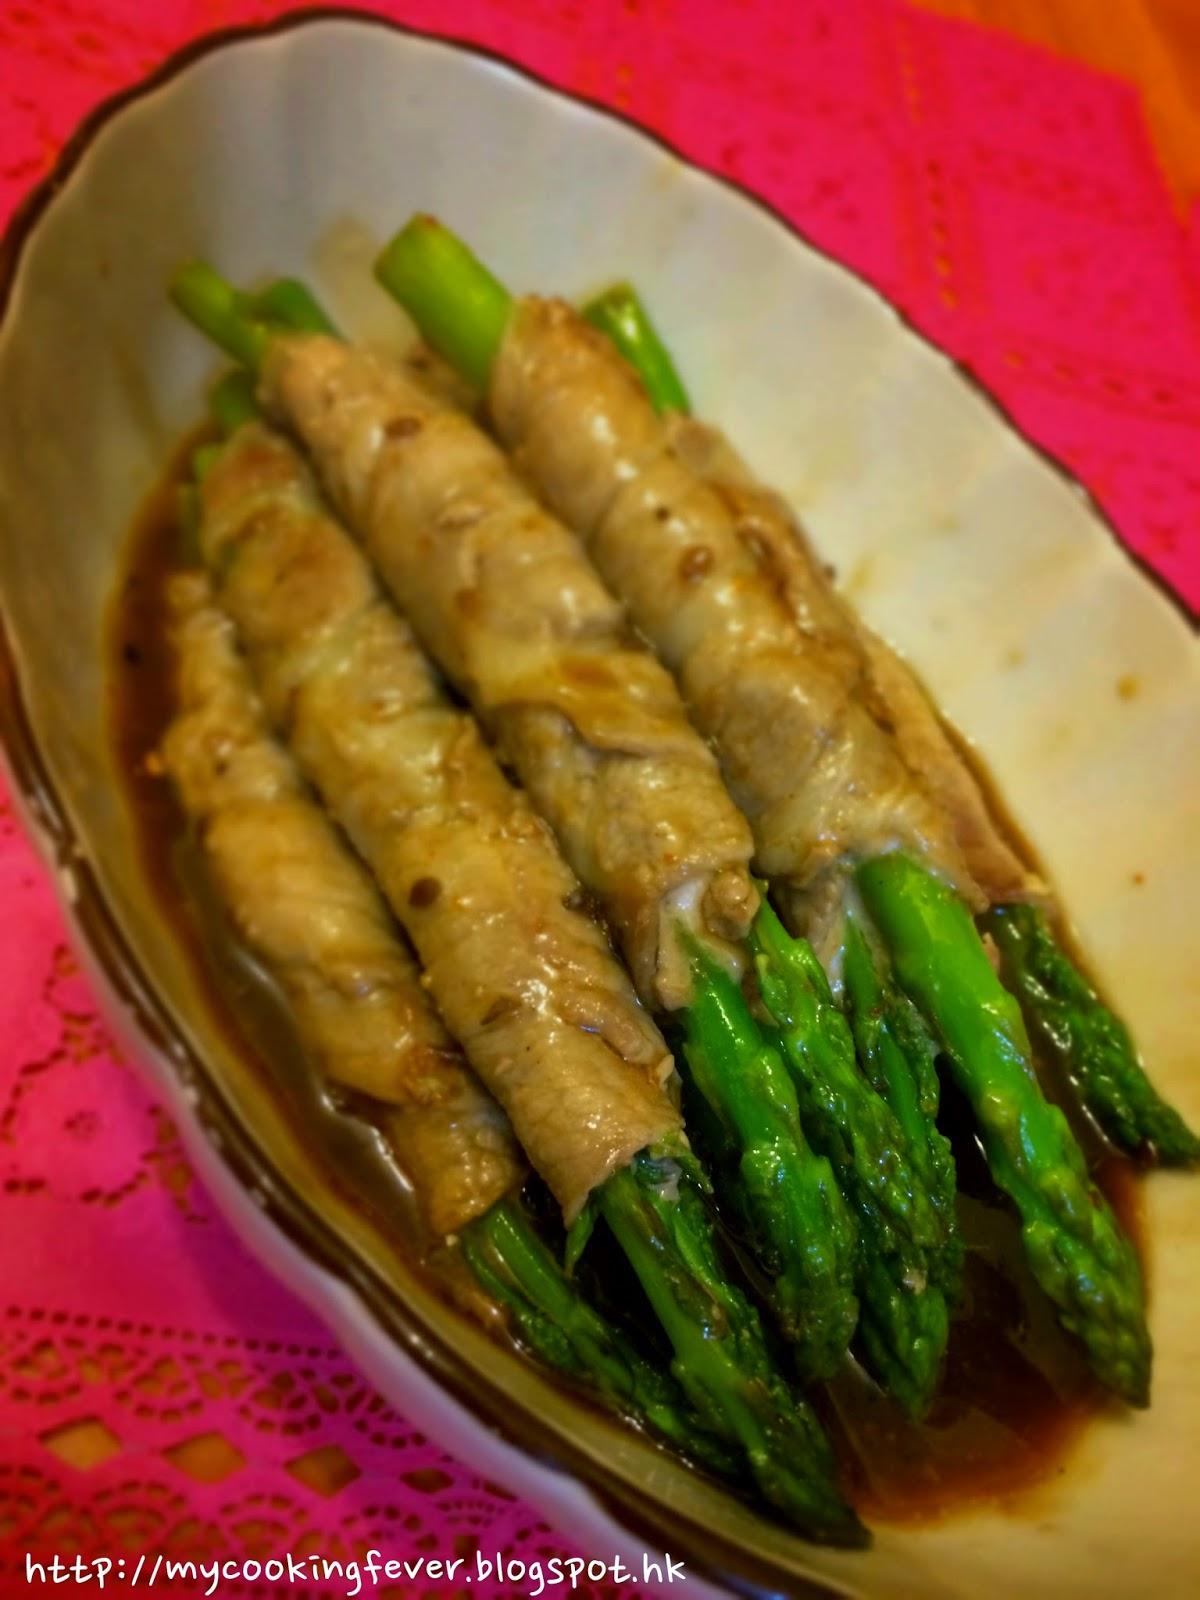 Asparagus Pork Roll with Teriyaki Sauce